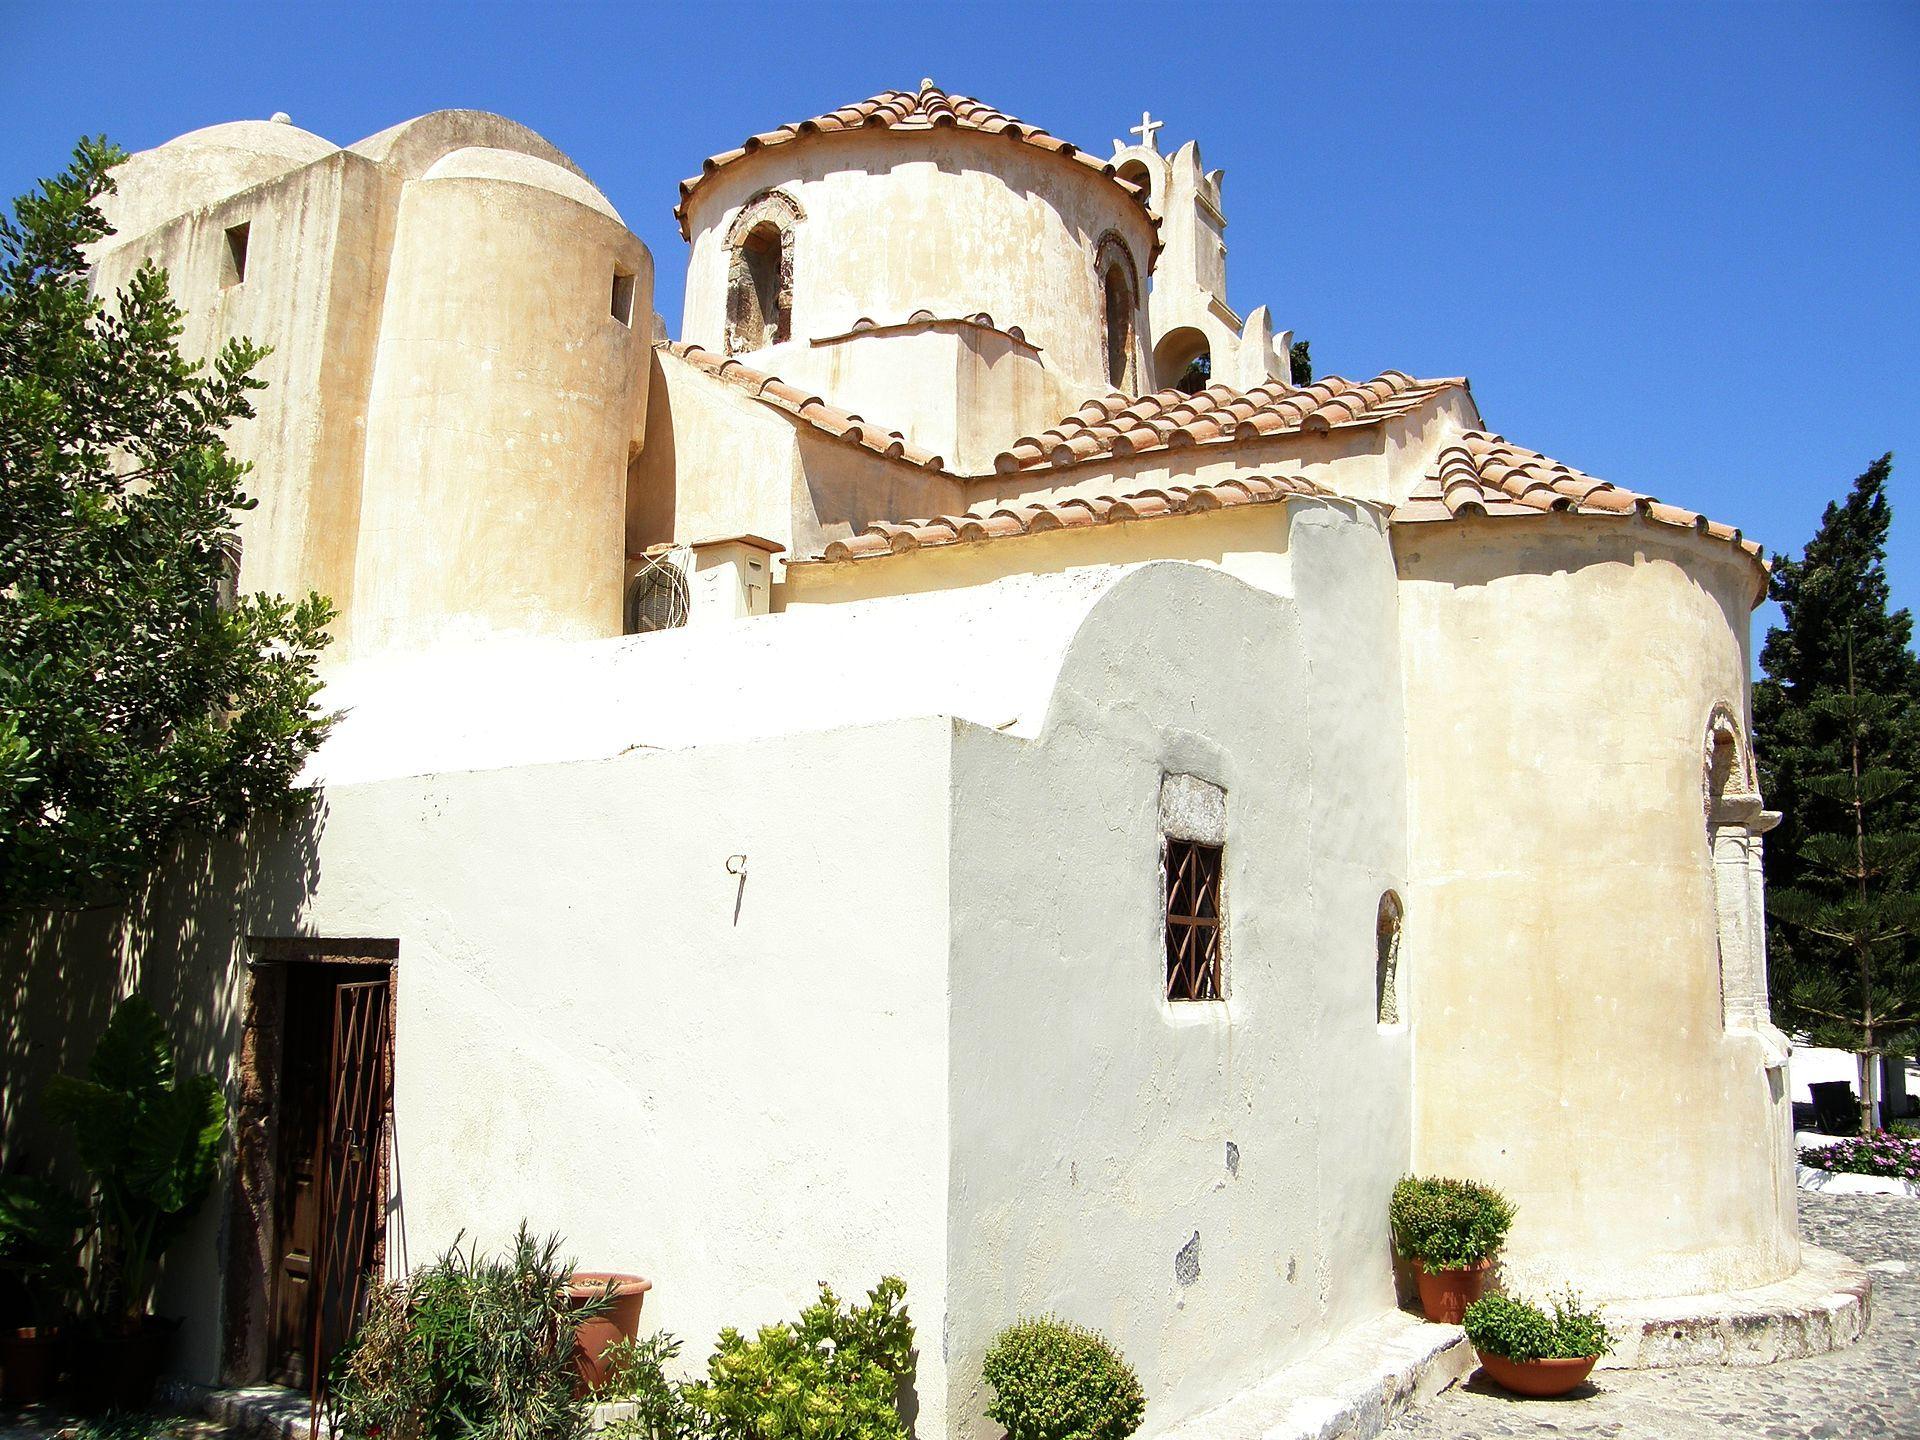 Episkopi Gonias (2797558143) - Santorini - Wikipedia, the free encyclopedia